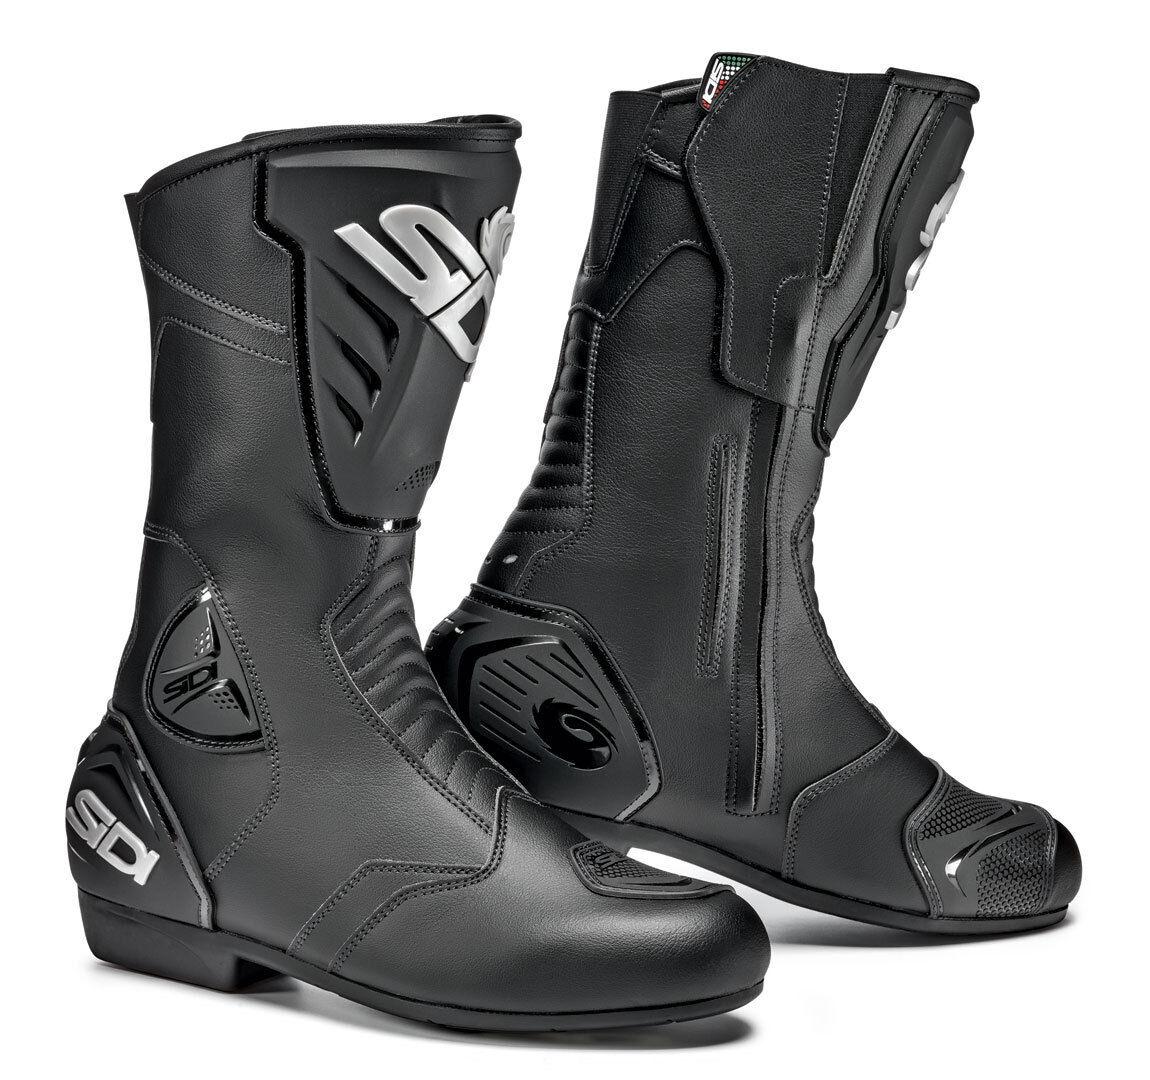 Sidi Black Rain Bottes de moto imperméable à l'eau Noir taille : 38